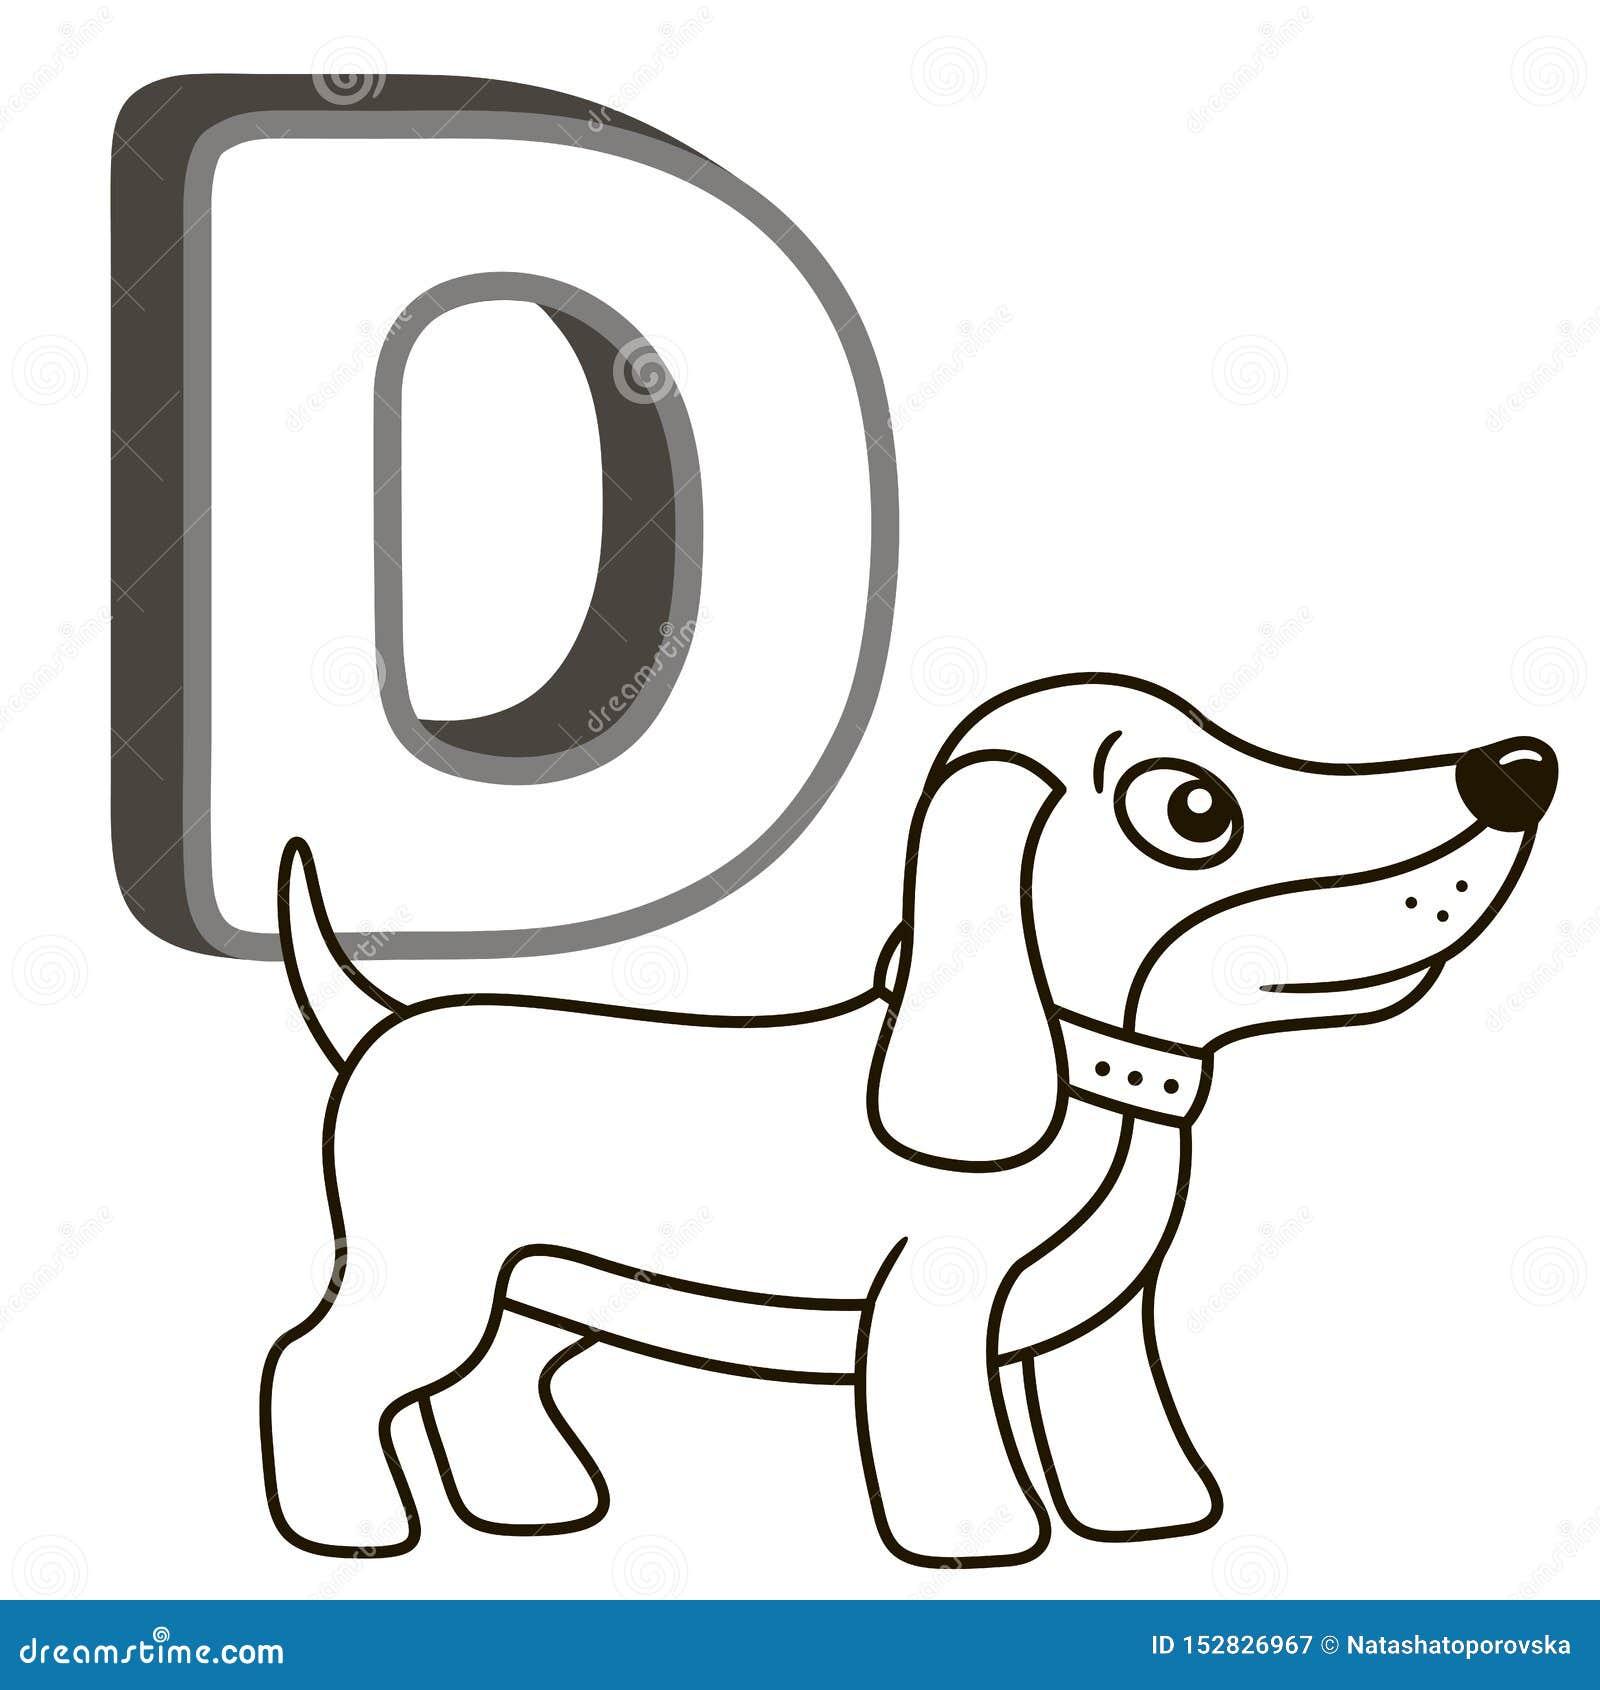 Alphabet de livre de coloriage de vecteur avec les majuscules des animaux et des choses anglais et mignons de bande dessinée Page